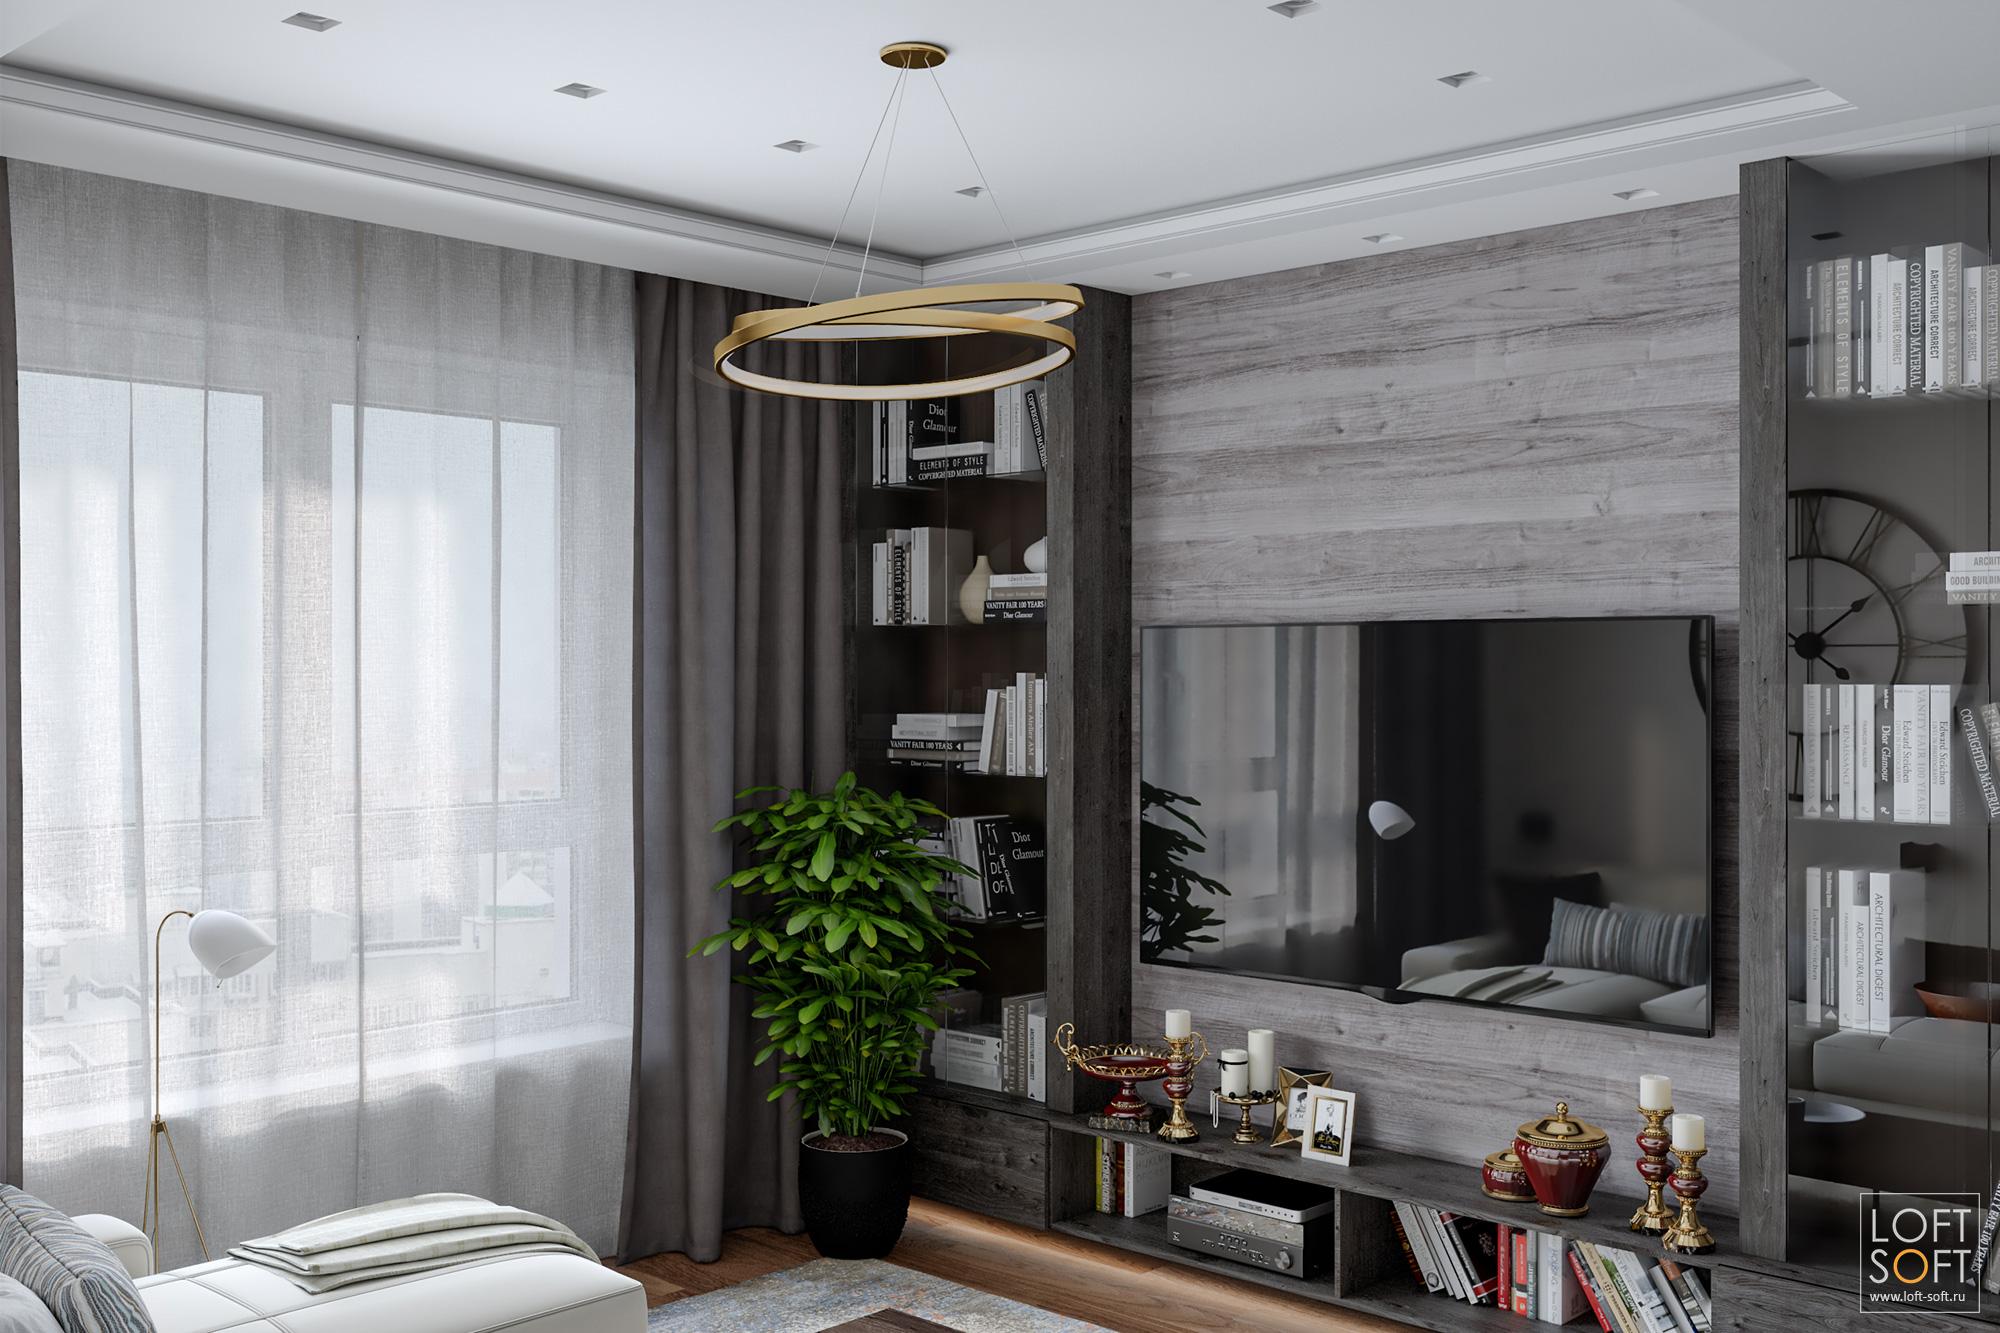 Современный интерьер гостиной, стеллаж из дерева, витрина винтерьере